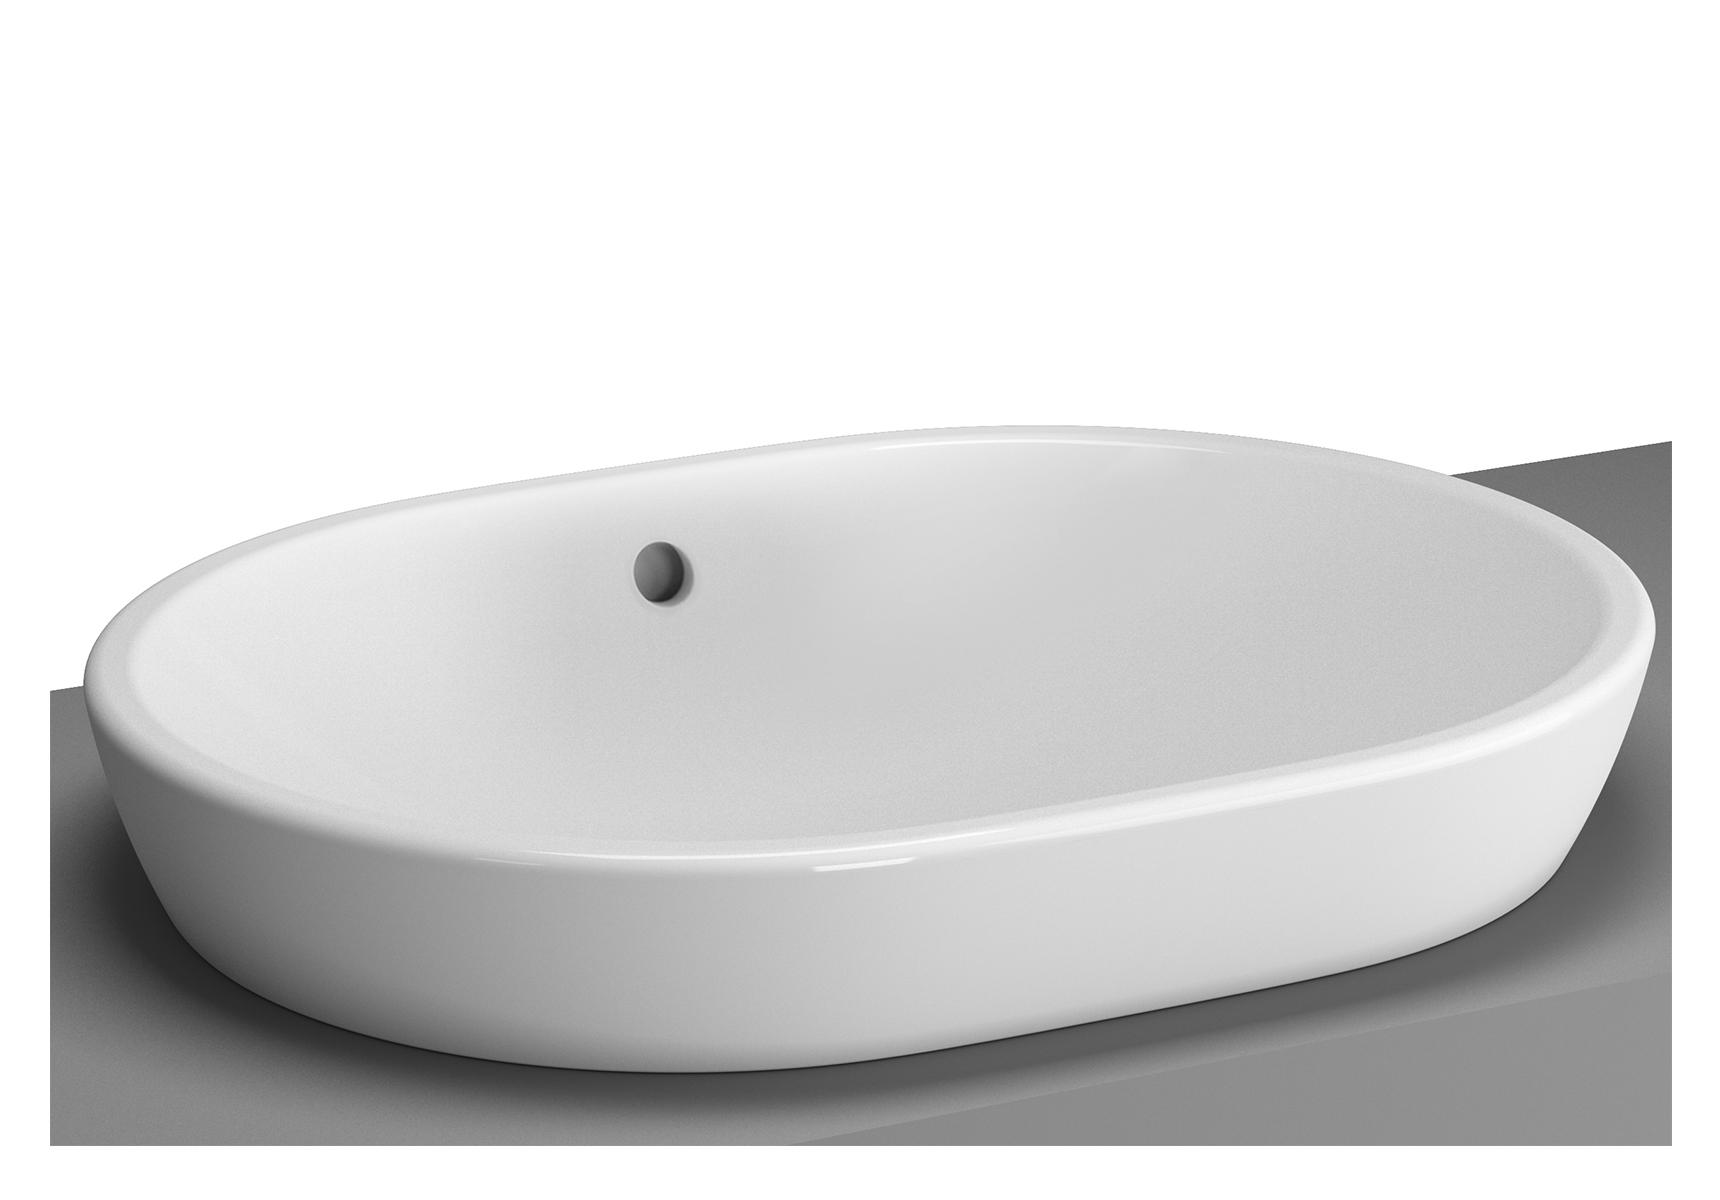 Metropole vasque à poser sur plan de toilette, 59,5 cm, ovale, sans trou, avec trop-plein